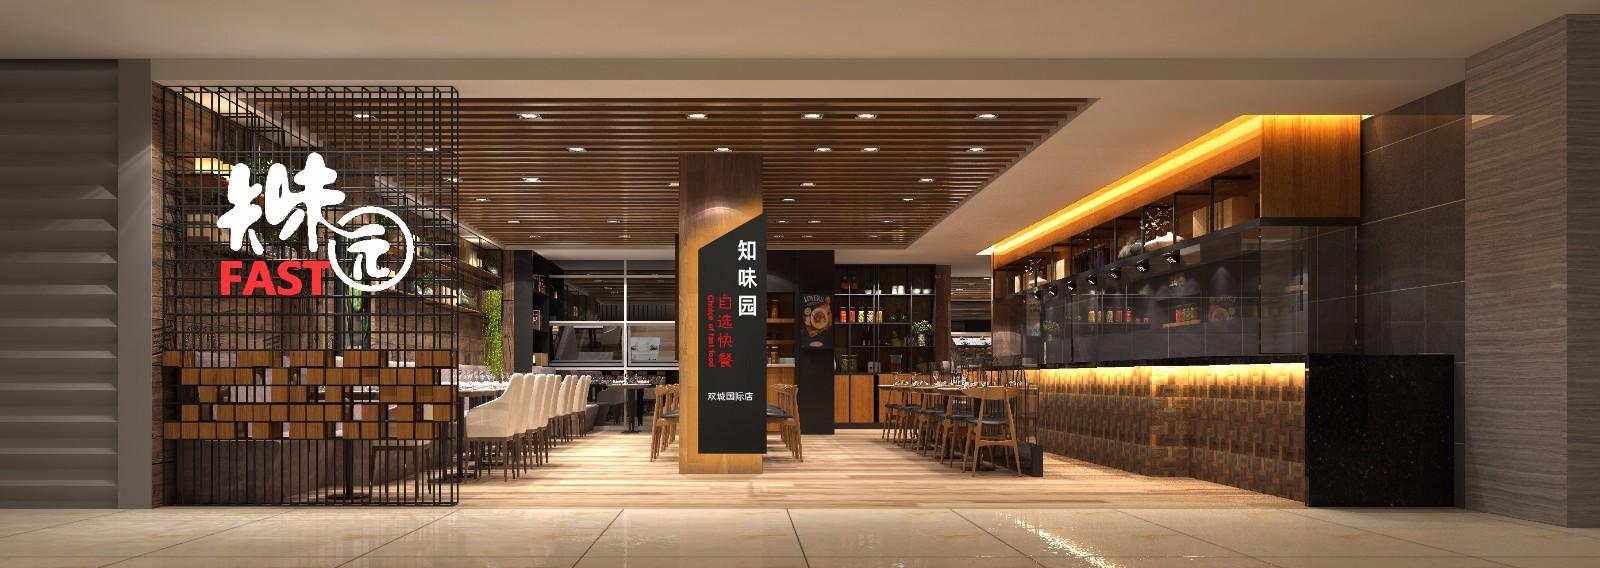 餐厅入口处效果图